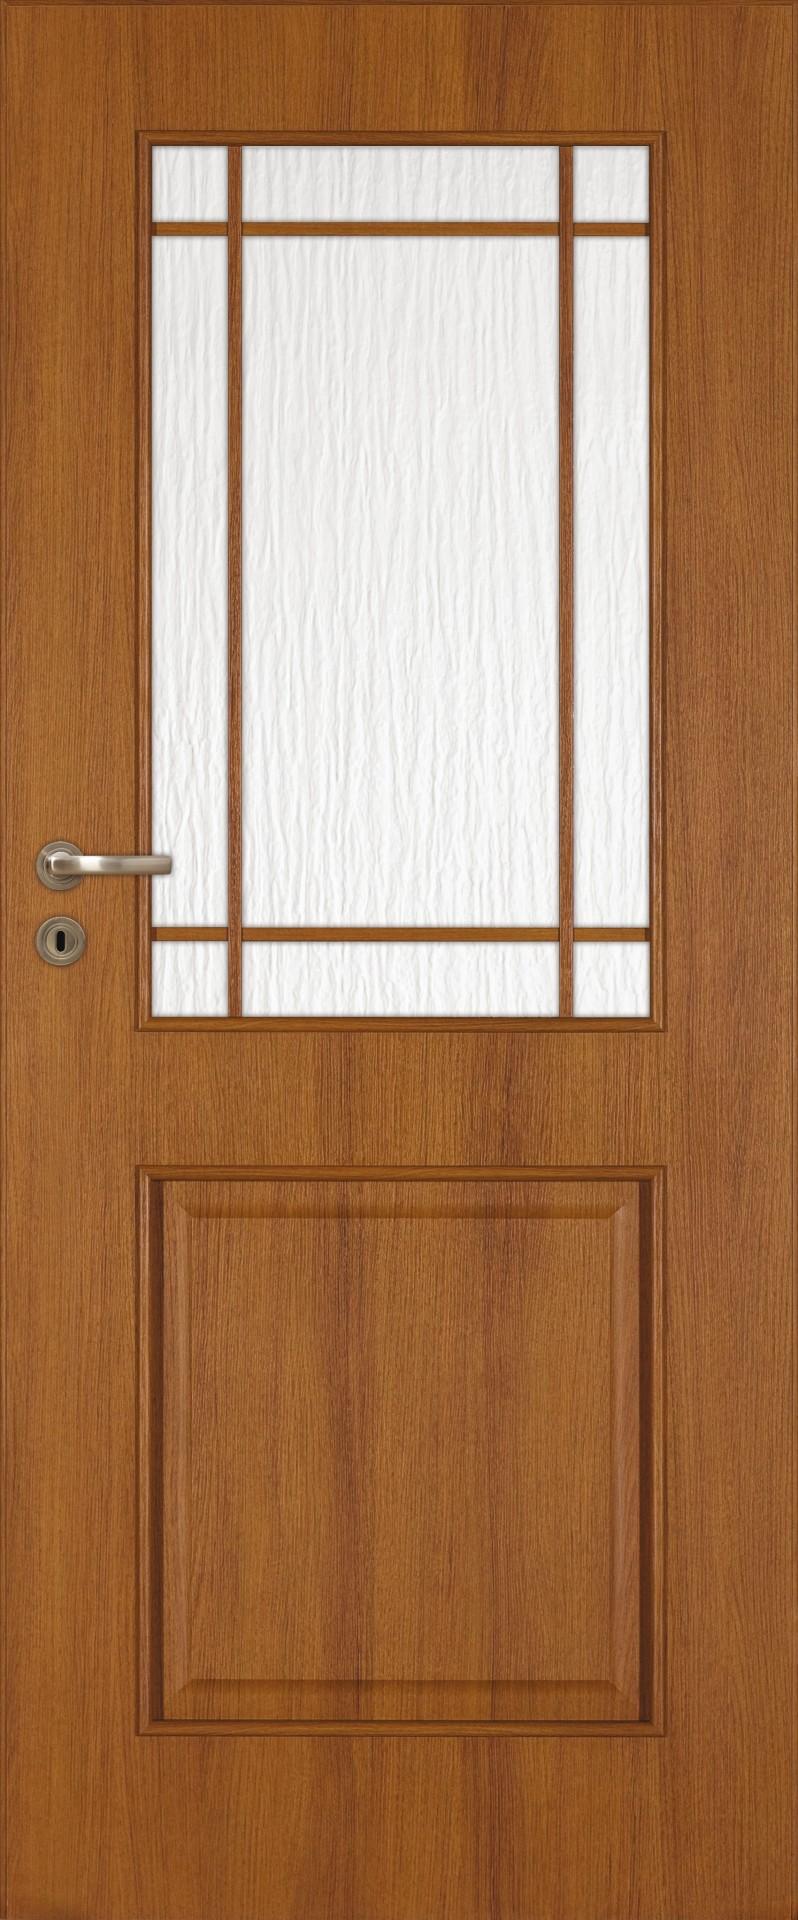 Dre dveře Fano 30s, Šíře v cm 90